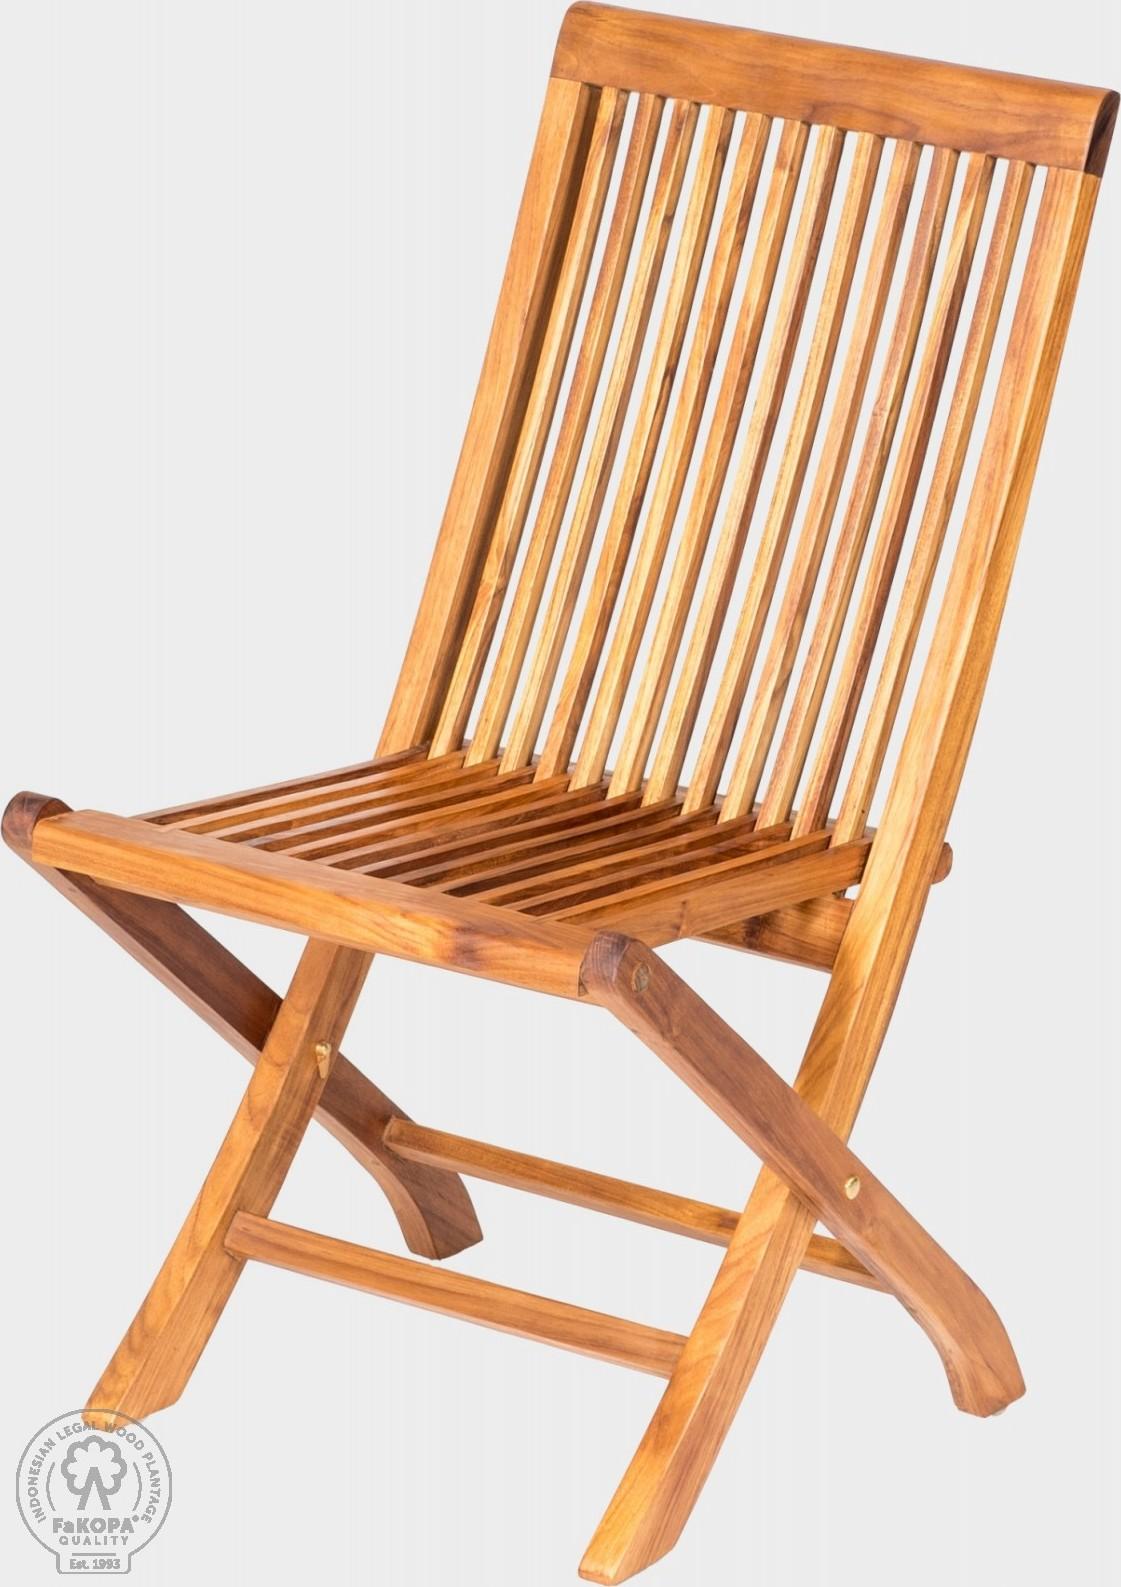 FaKOPA Teaková skládací židle Emily